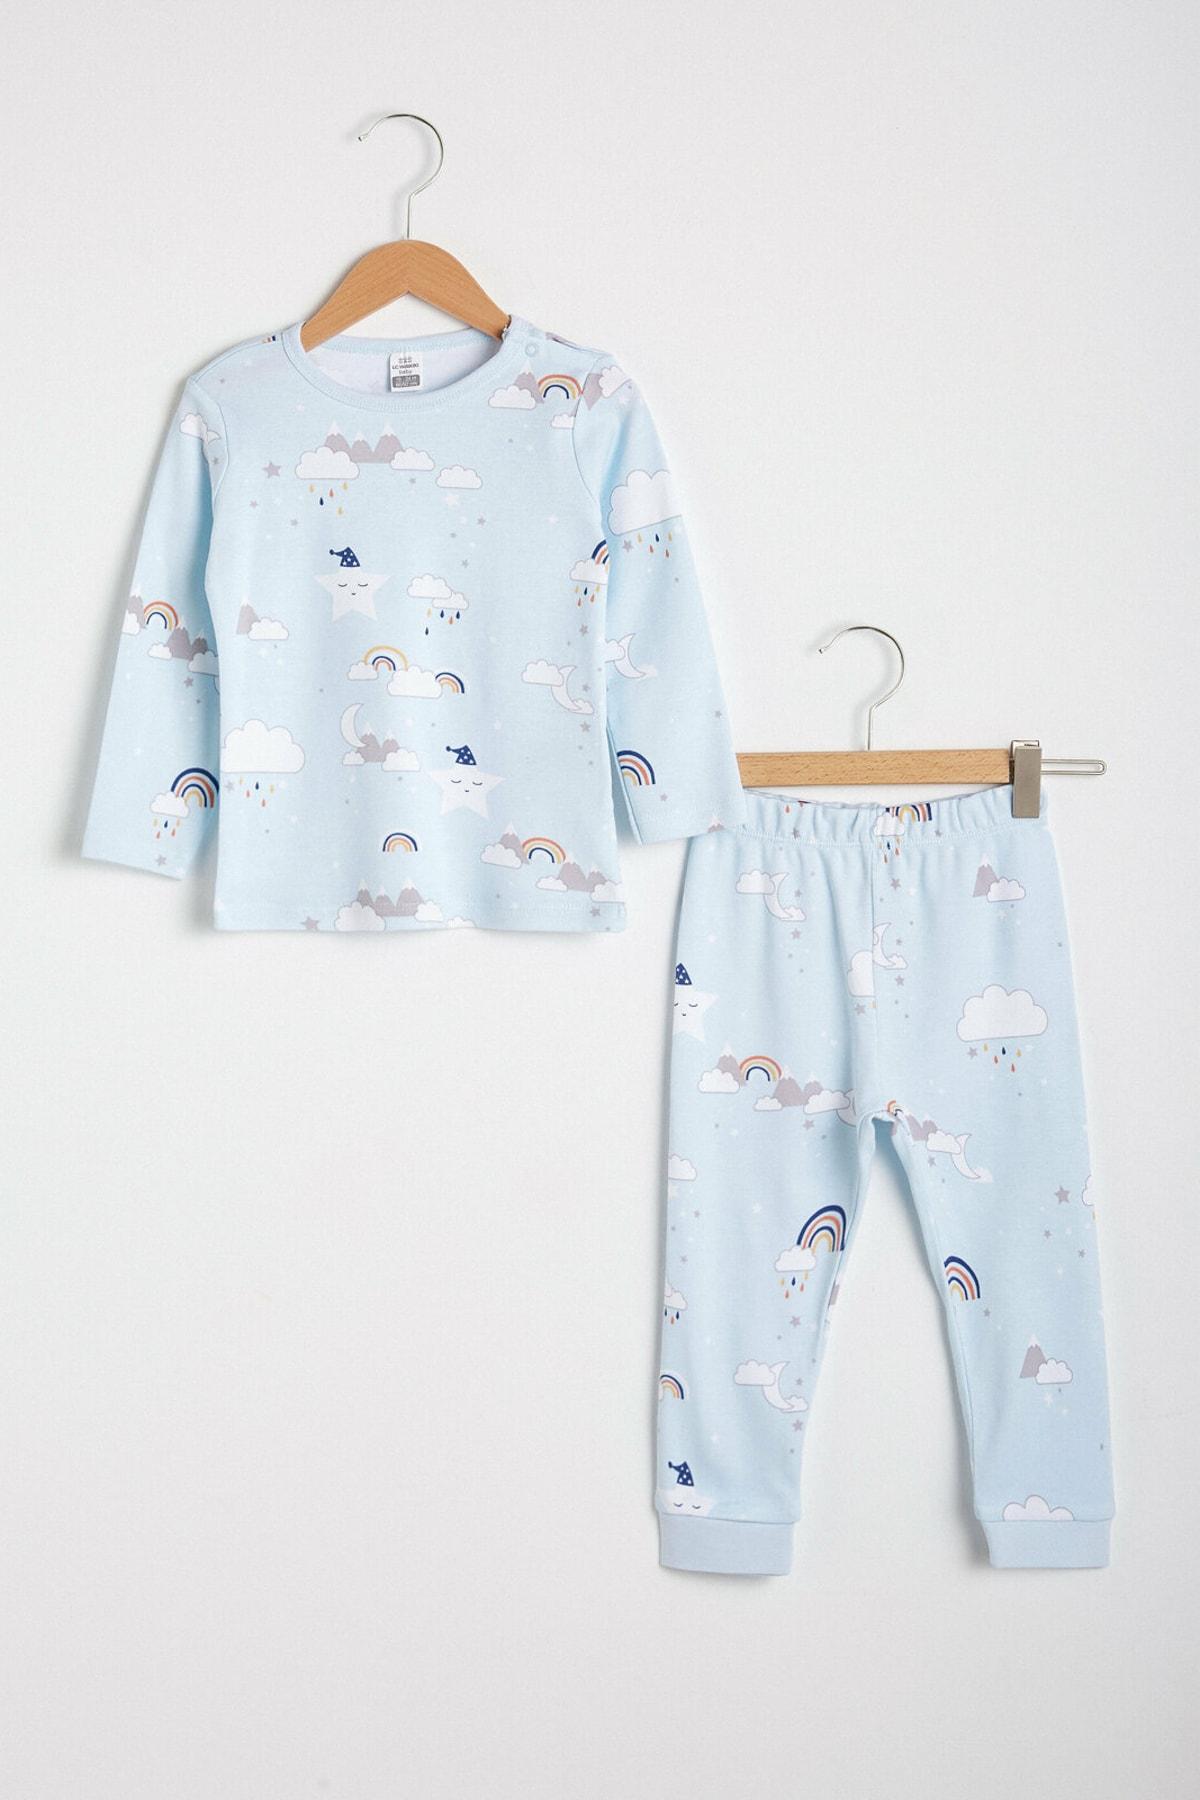 LC Waikiki Erkek Bebek Açık Mavi Baskıl Lqk Pijama Takımı 1